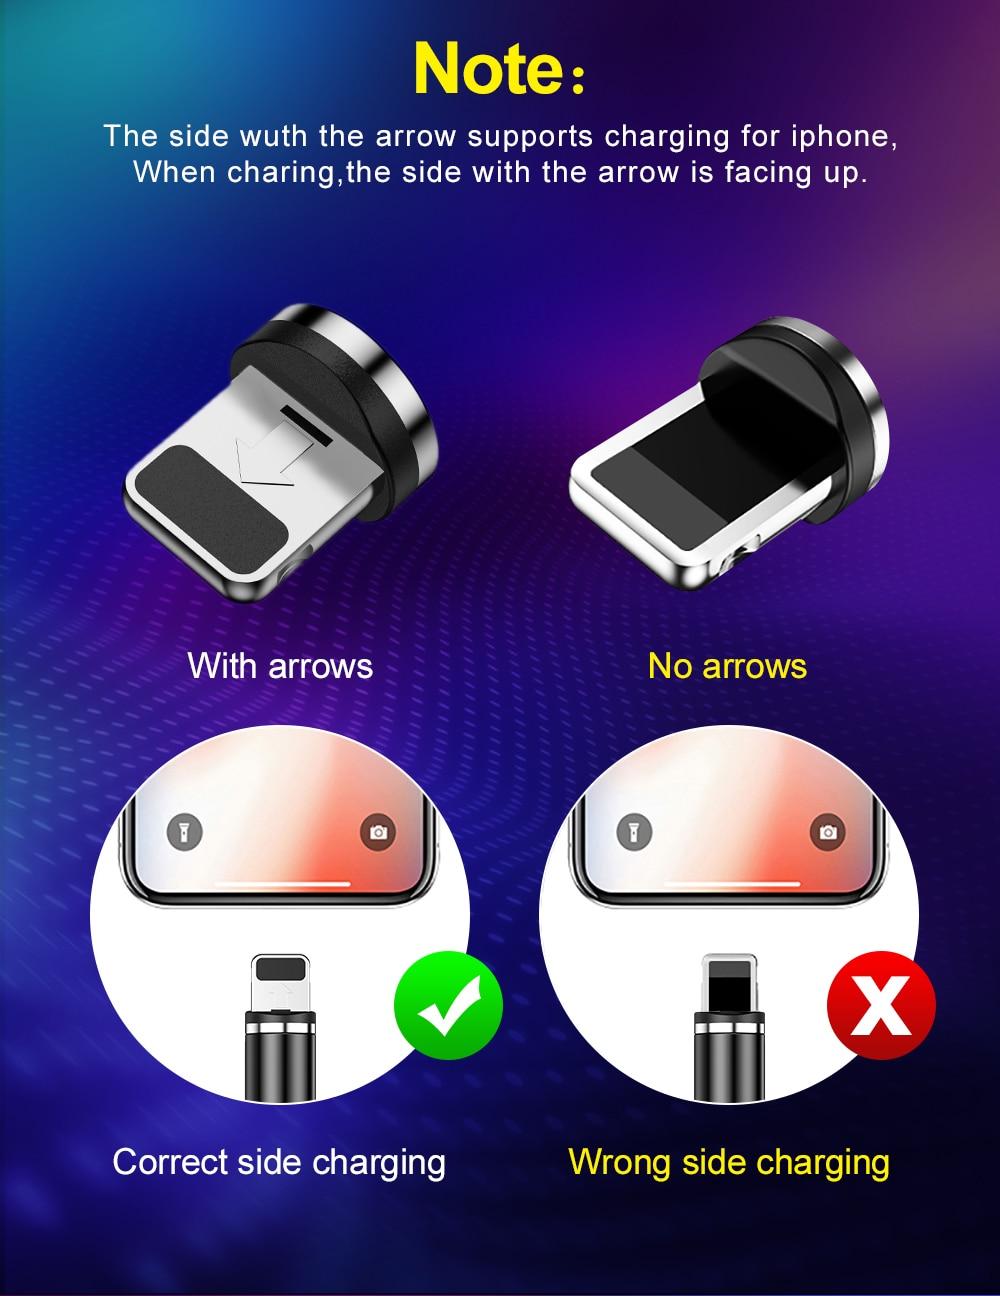 Marjay, магнитная зарядка зарядное устройство, магнитный кабель Micro USB кабель для iPhone, samsung, Android, быстрая зарядка, магнит, usb type-C кабель, шнур для мобильного телефона, провод